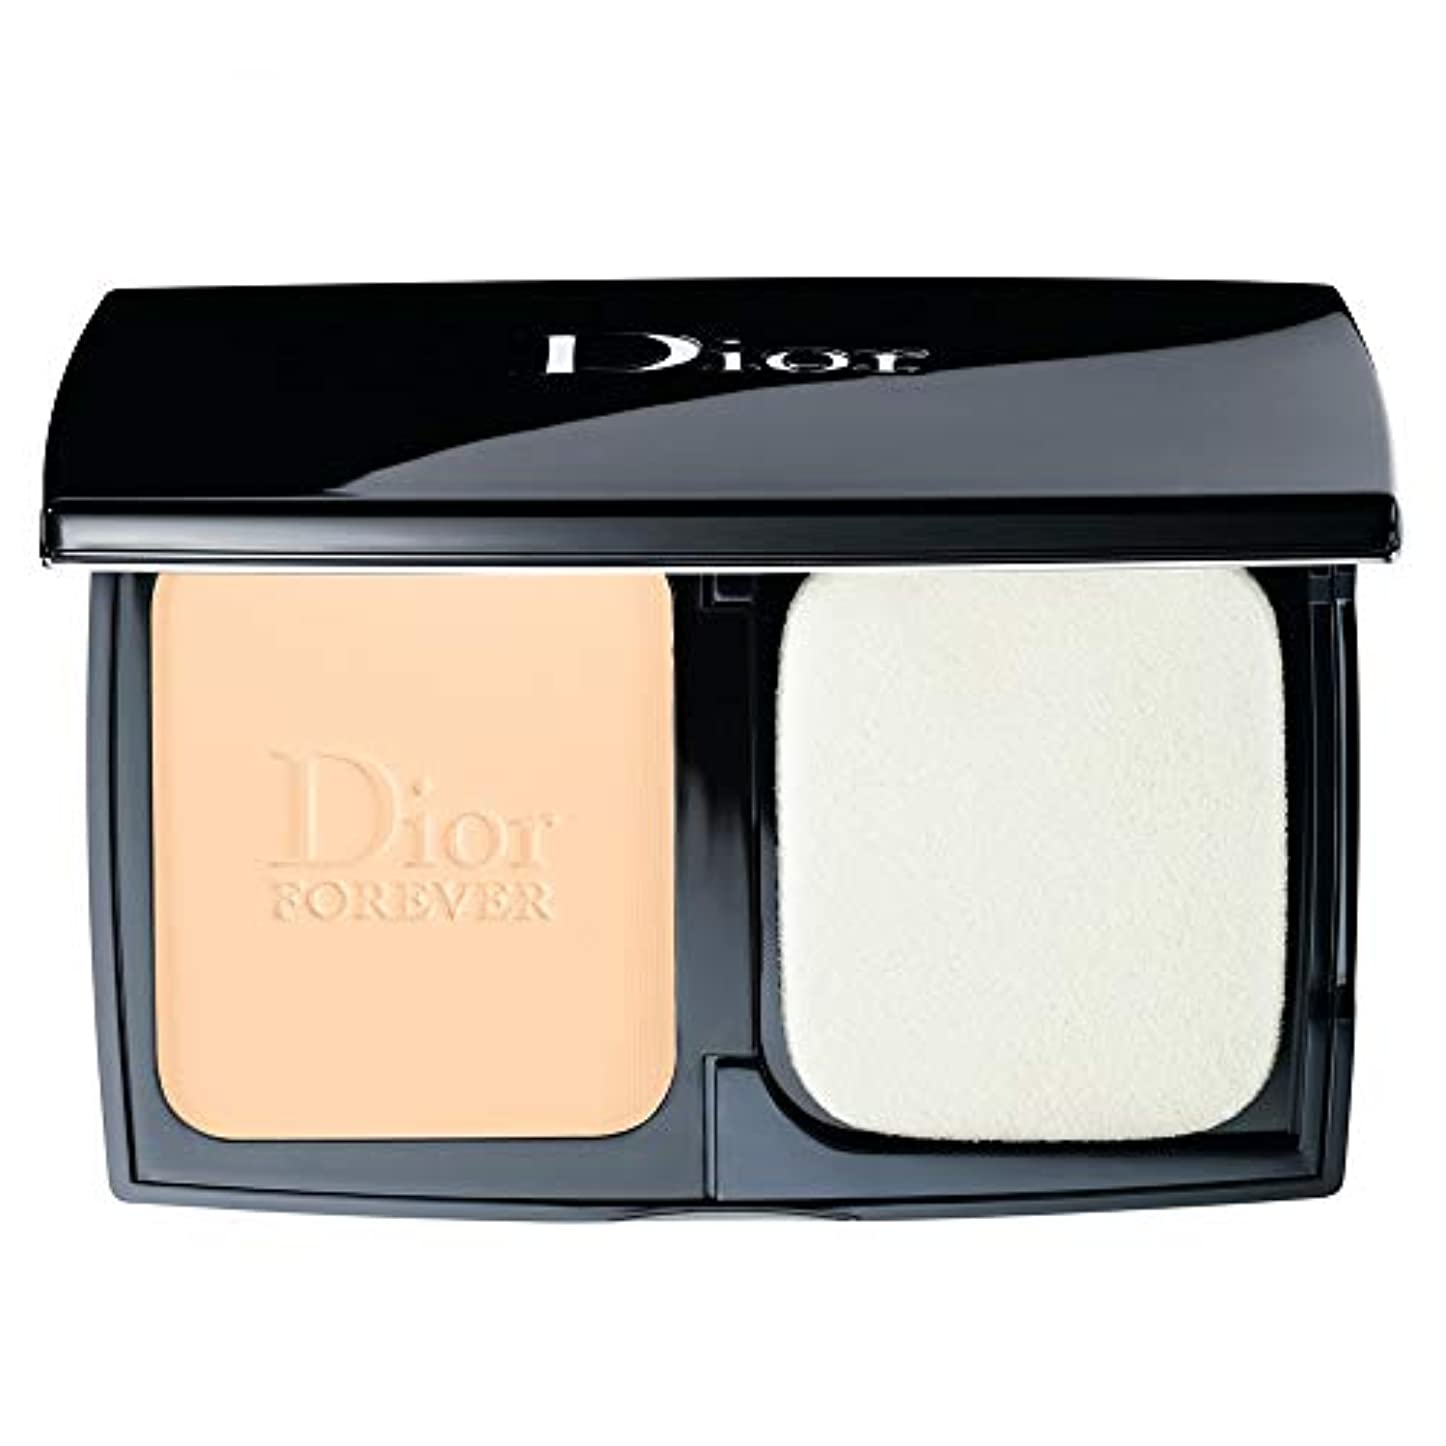 集計腕明るくするクリスチャンディオール Diorskin Forever Extreme Control Perfect Matte Powder Makeup SPF 20 - # 010 Ivory 9g/0.31oz並行輸入品